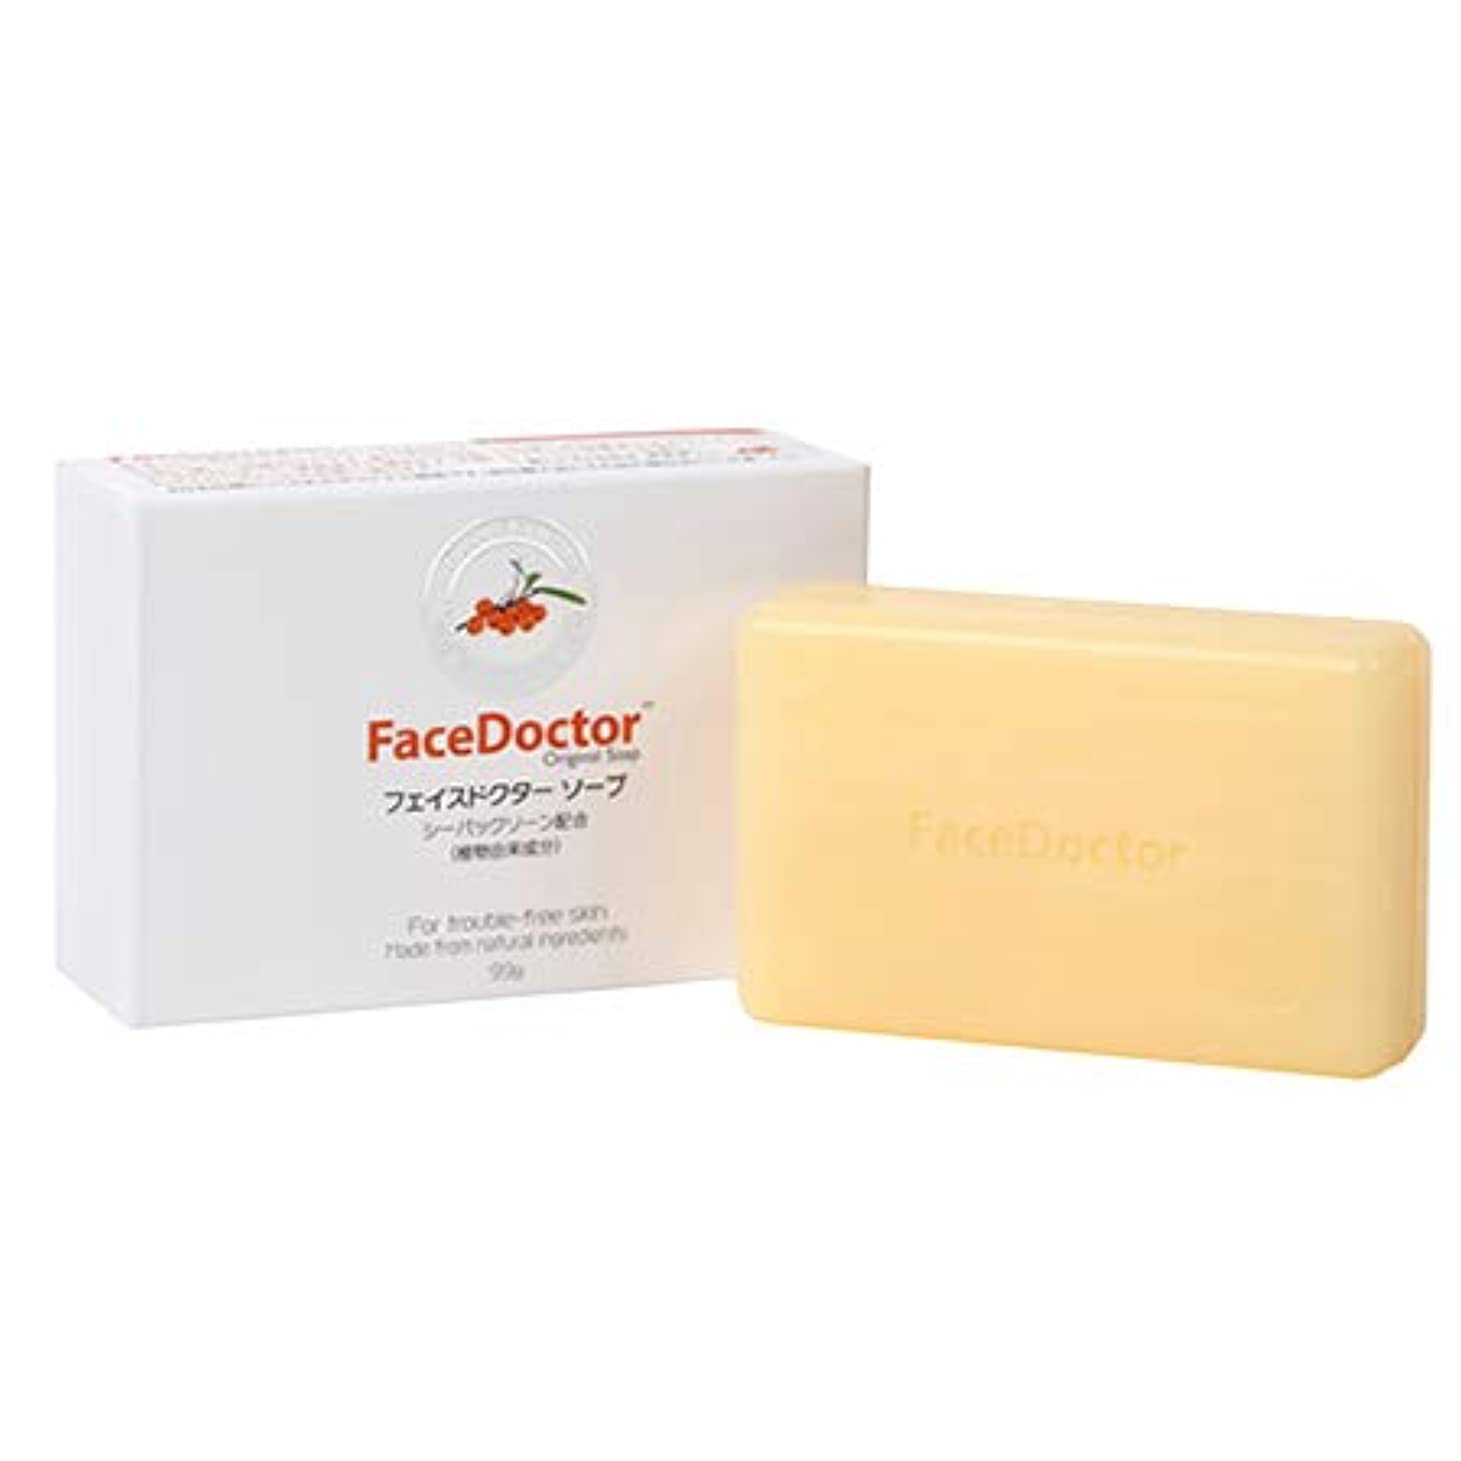 渦ロック解除に慣れ顔ダニ石鹸 FaceDoctor フェイスドクター ソープ 国内正規品